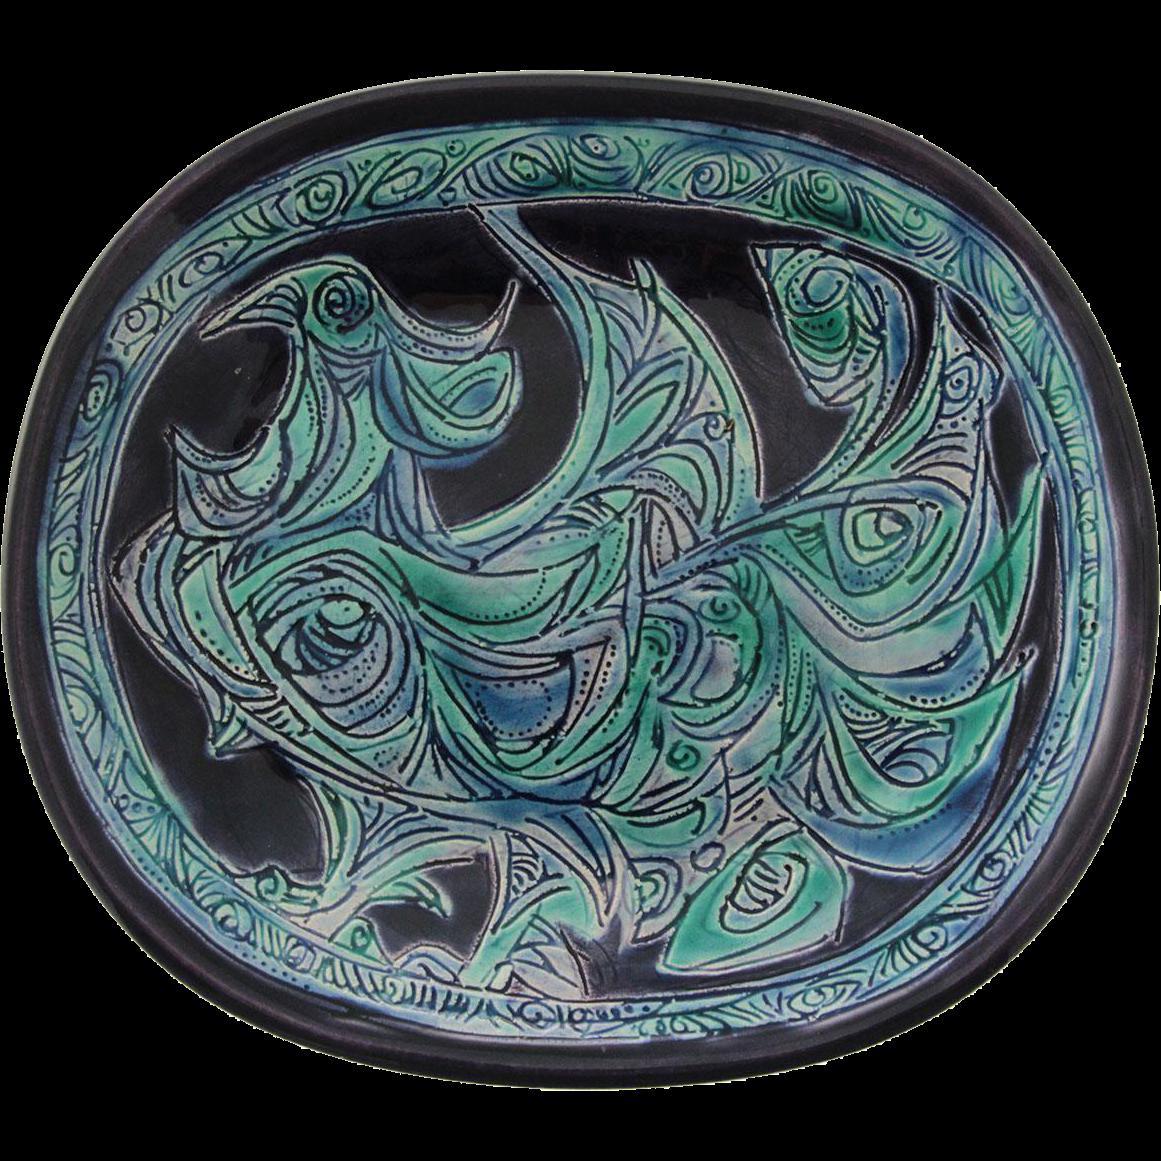 Vintage Gofer Glazed Ceramic Peacock Plate, Israel, 1960's.